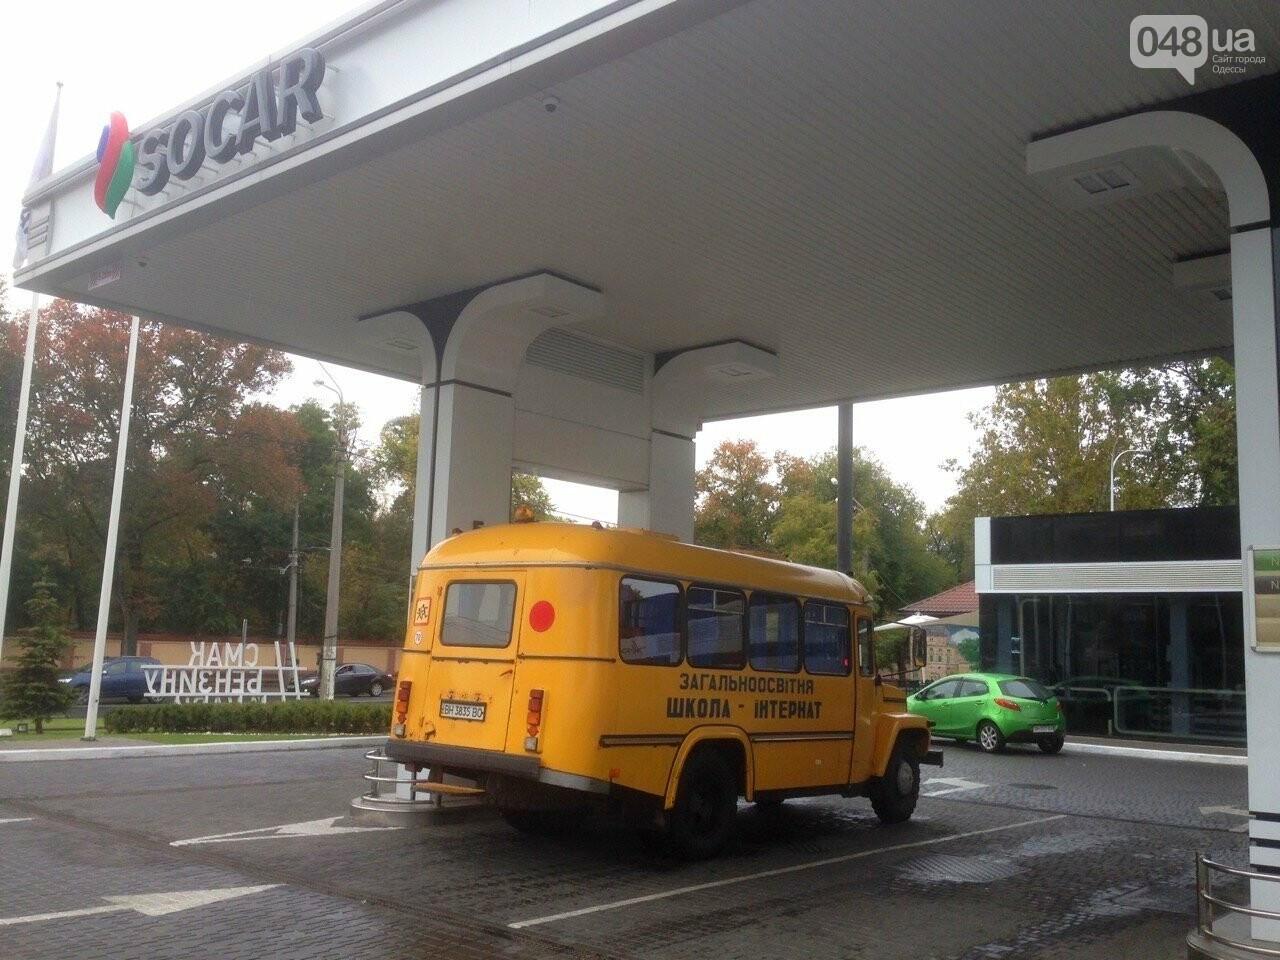 SOCAR поддерживает детские мечты от Киева до Одессы, фото-1